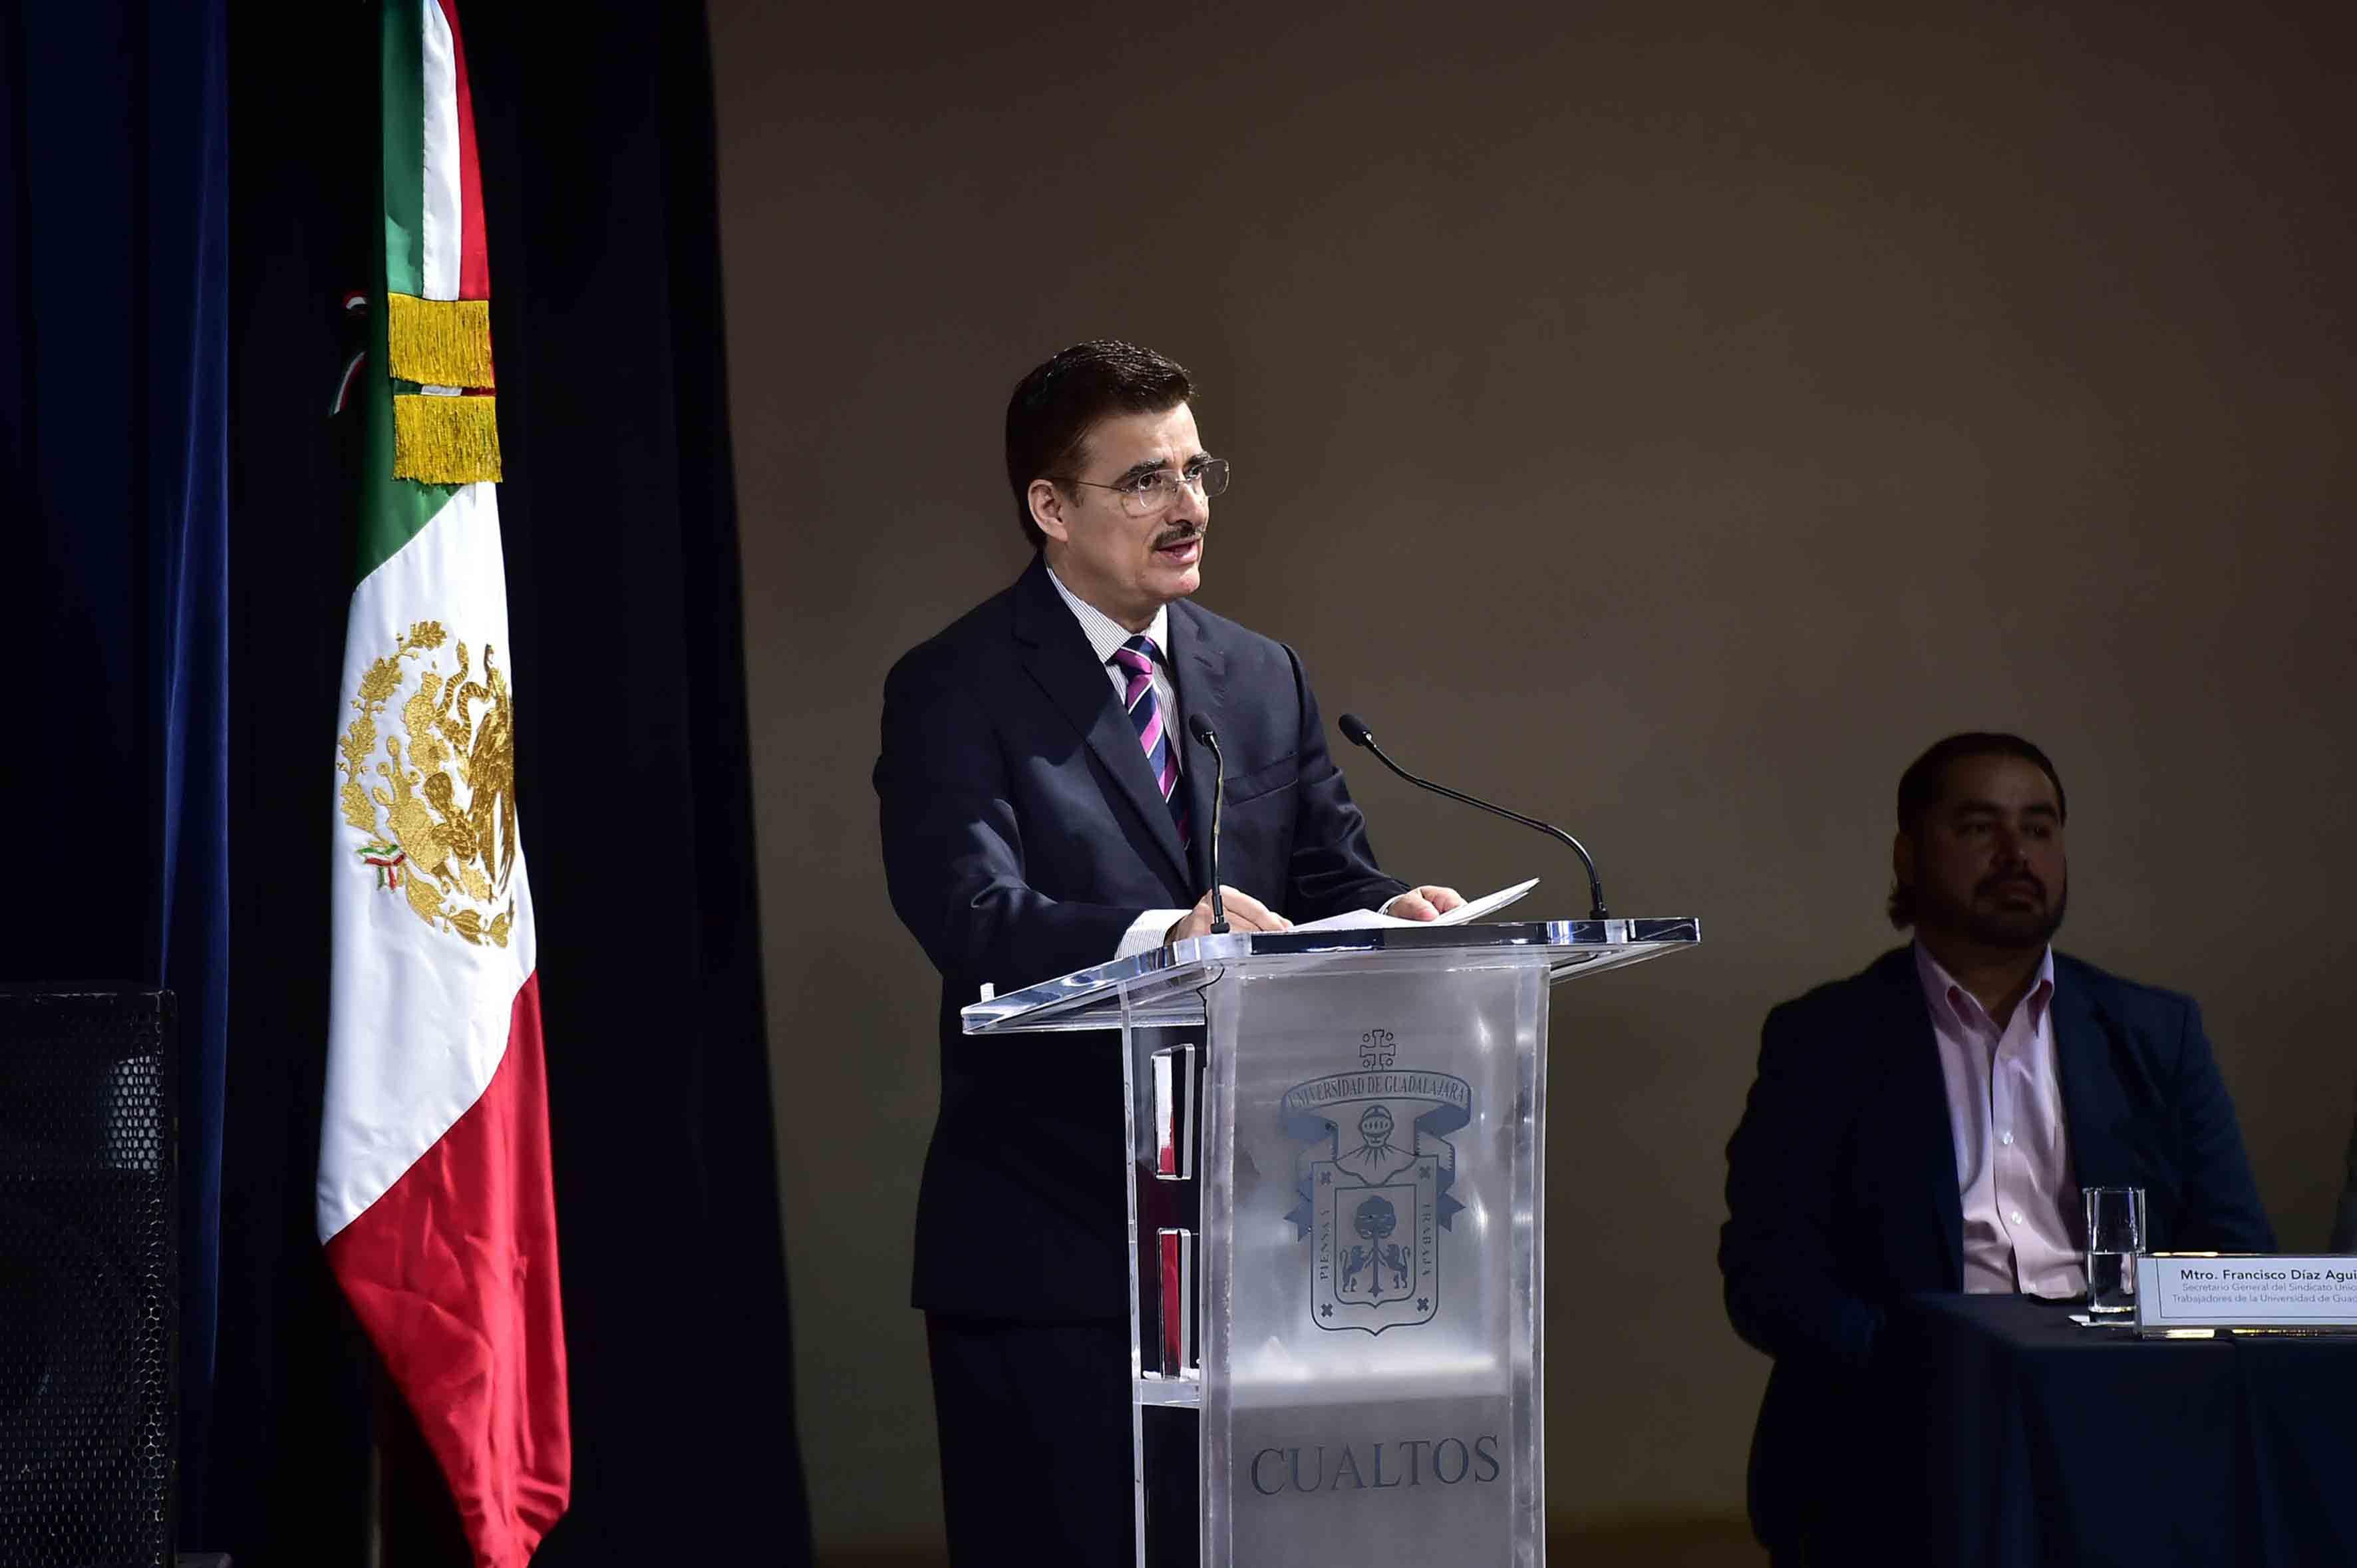 En el podio El Rector General de la Universidad de Guadalajara maestro Itzcóatl Tonatiuh Bravo Padilla